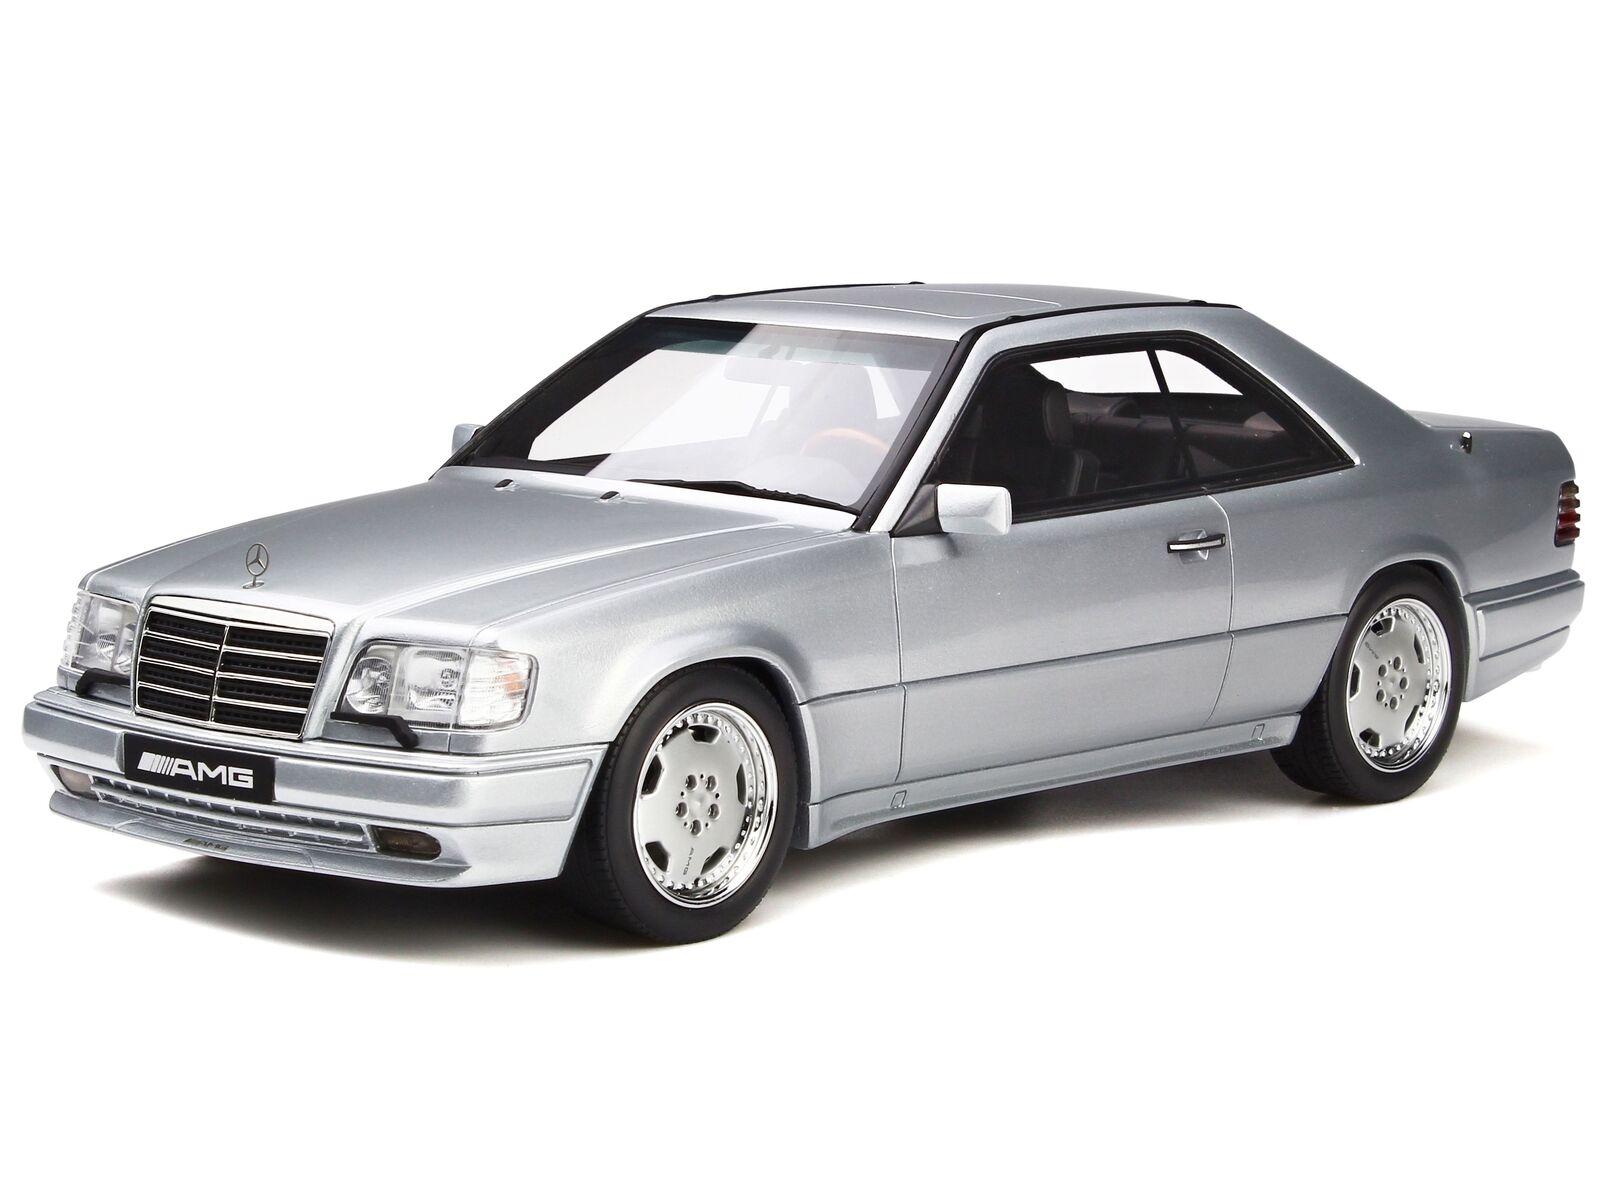 Mercedes C124 E36 AMG Coupe brillant argent véhicule miniature miniature miniature OT731 Otto 1:18 | Authentique  a1a61d